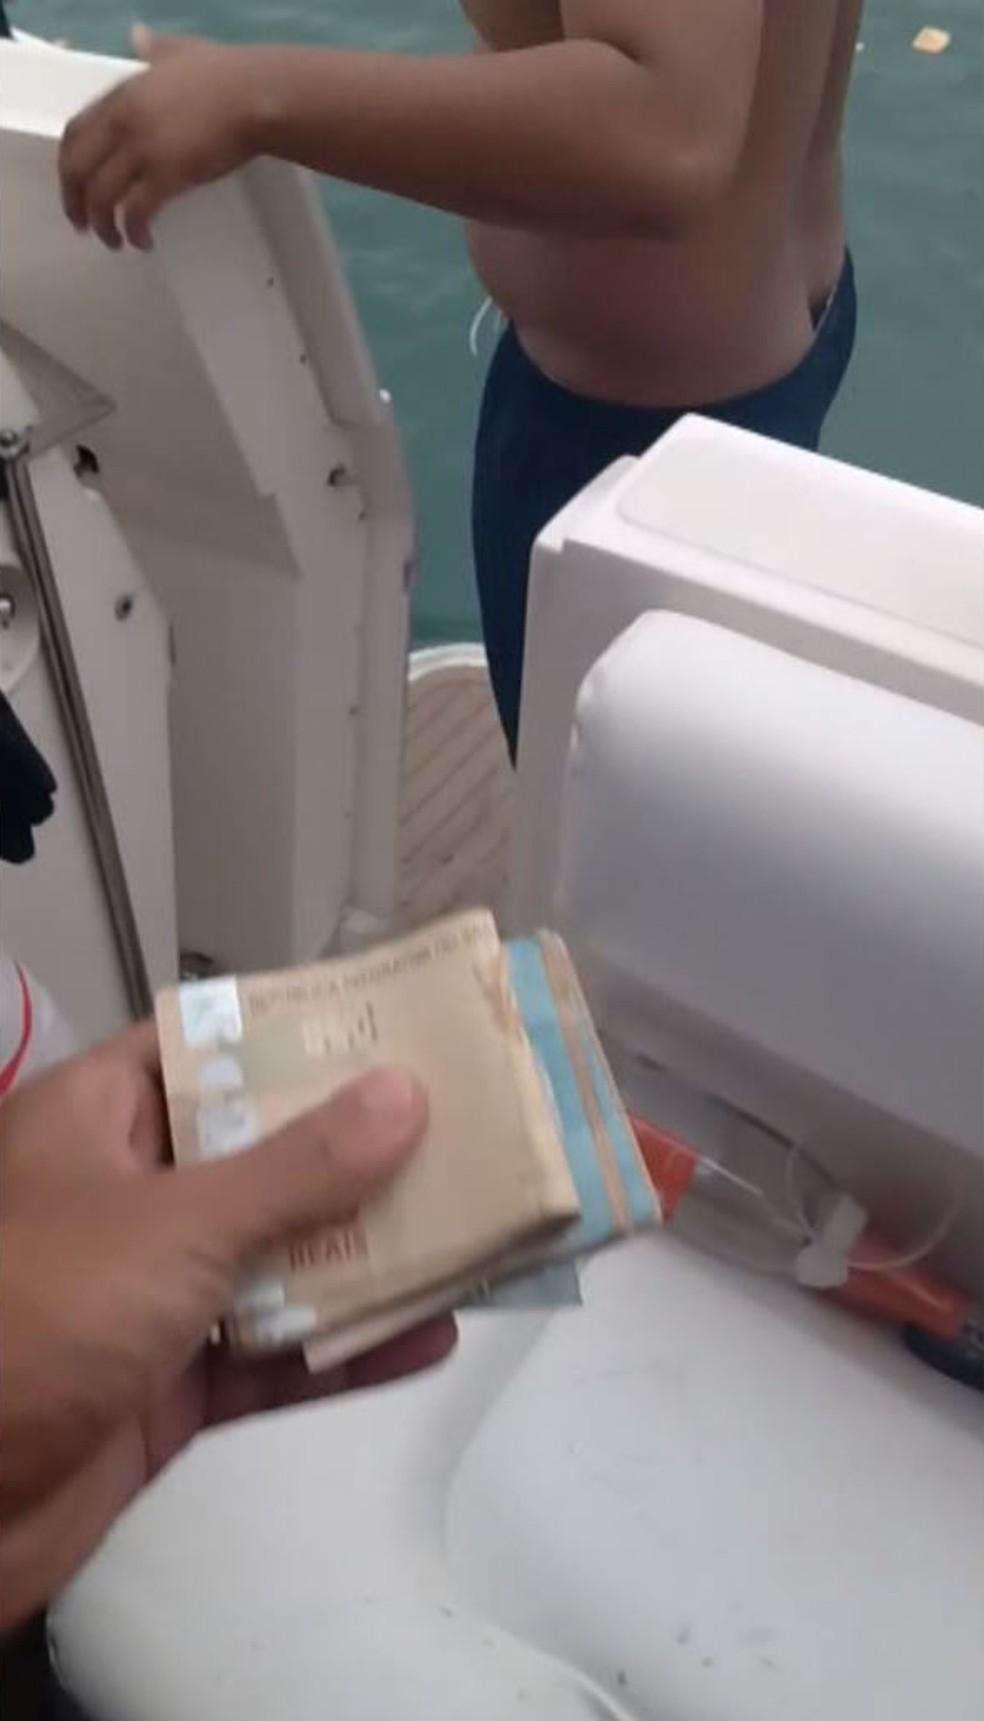 Notas são exibidas em vídeo durante festa com embarcações de luxo (Foto: Reprodução)